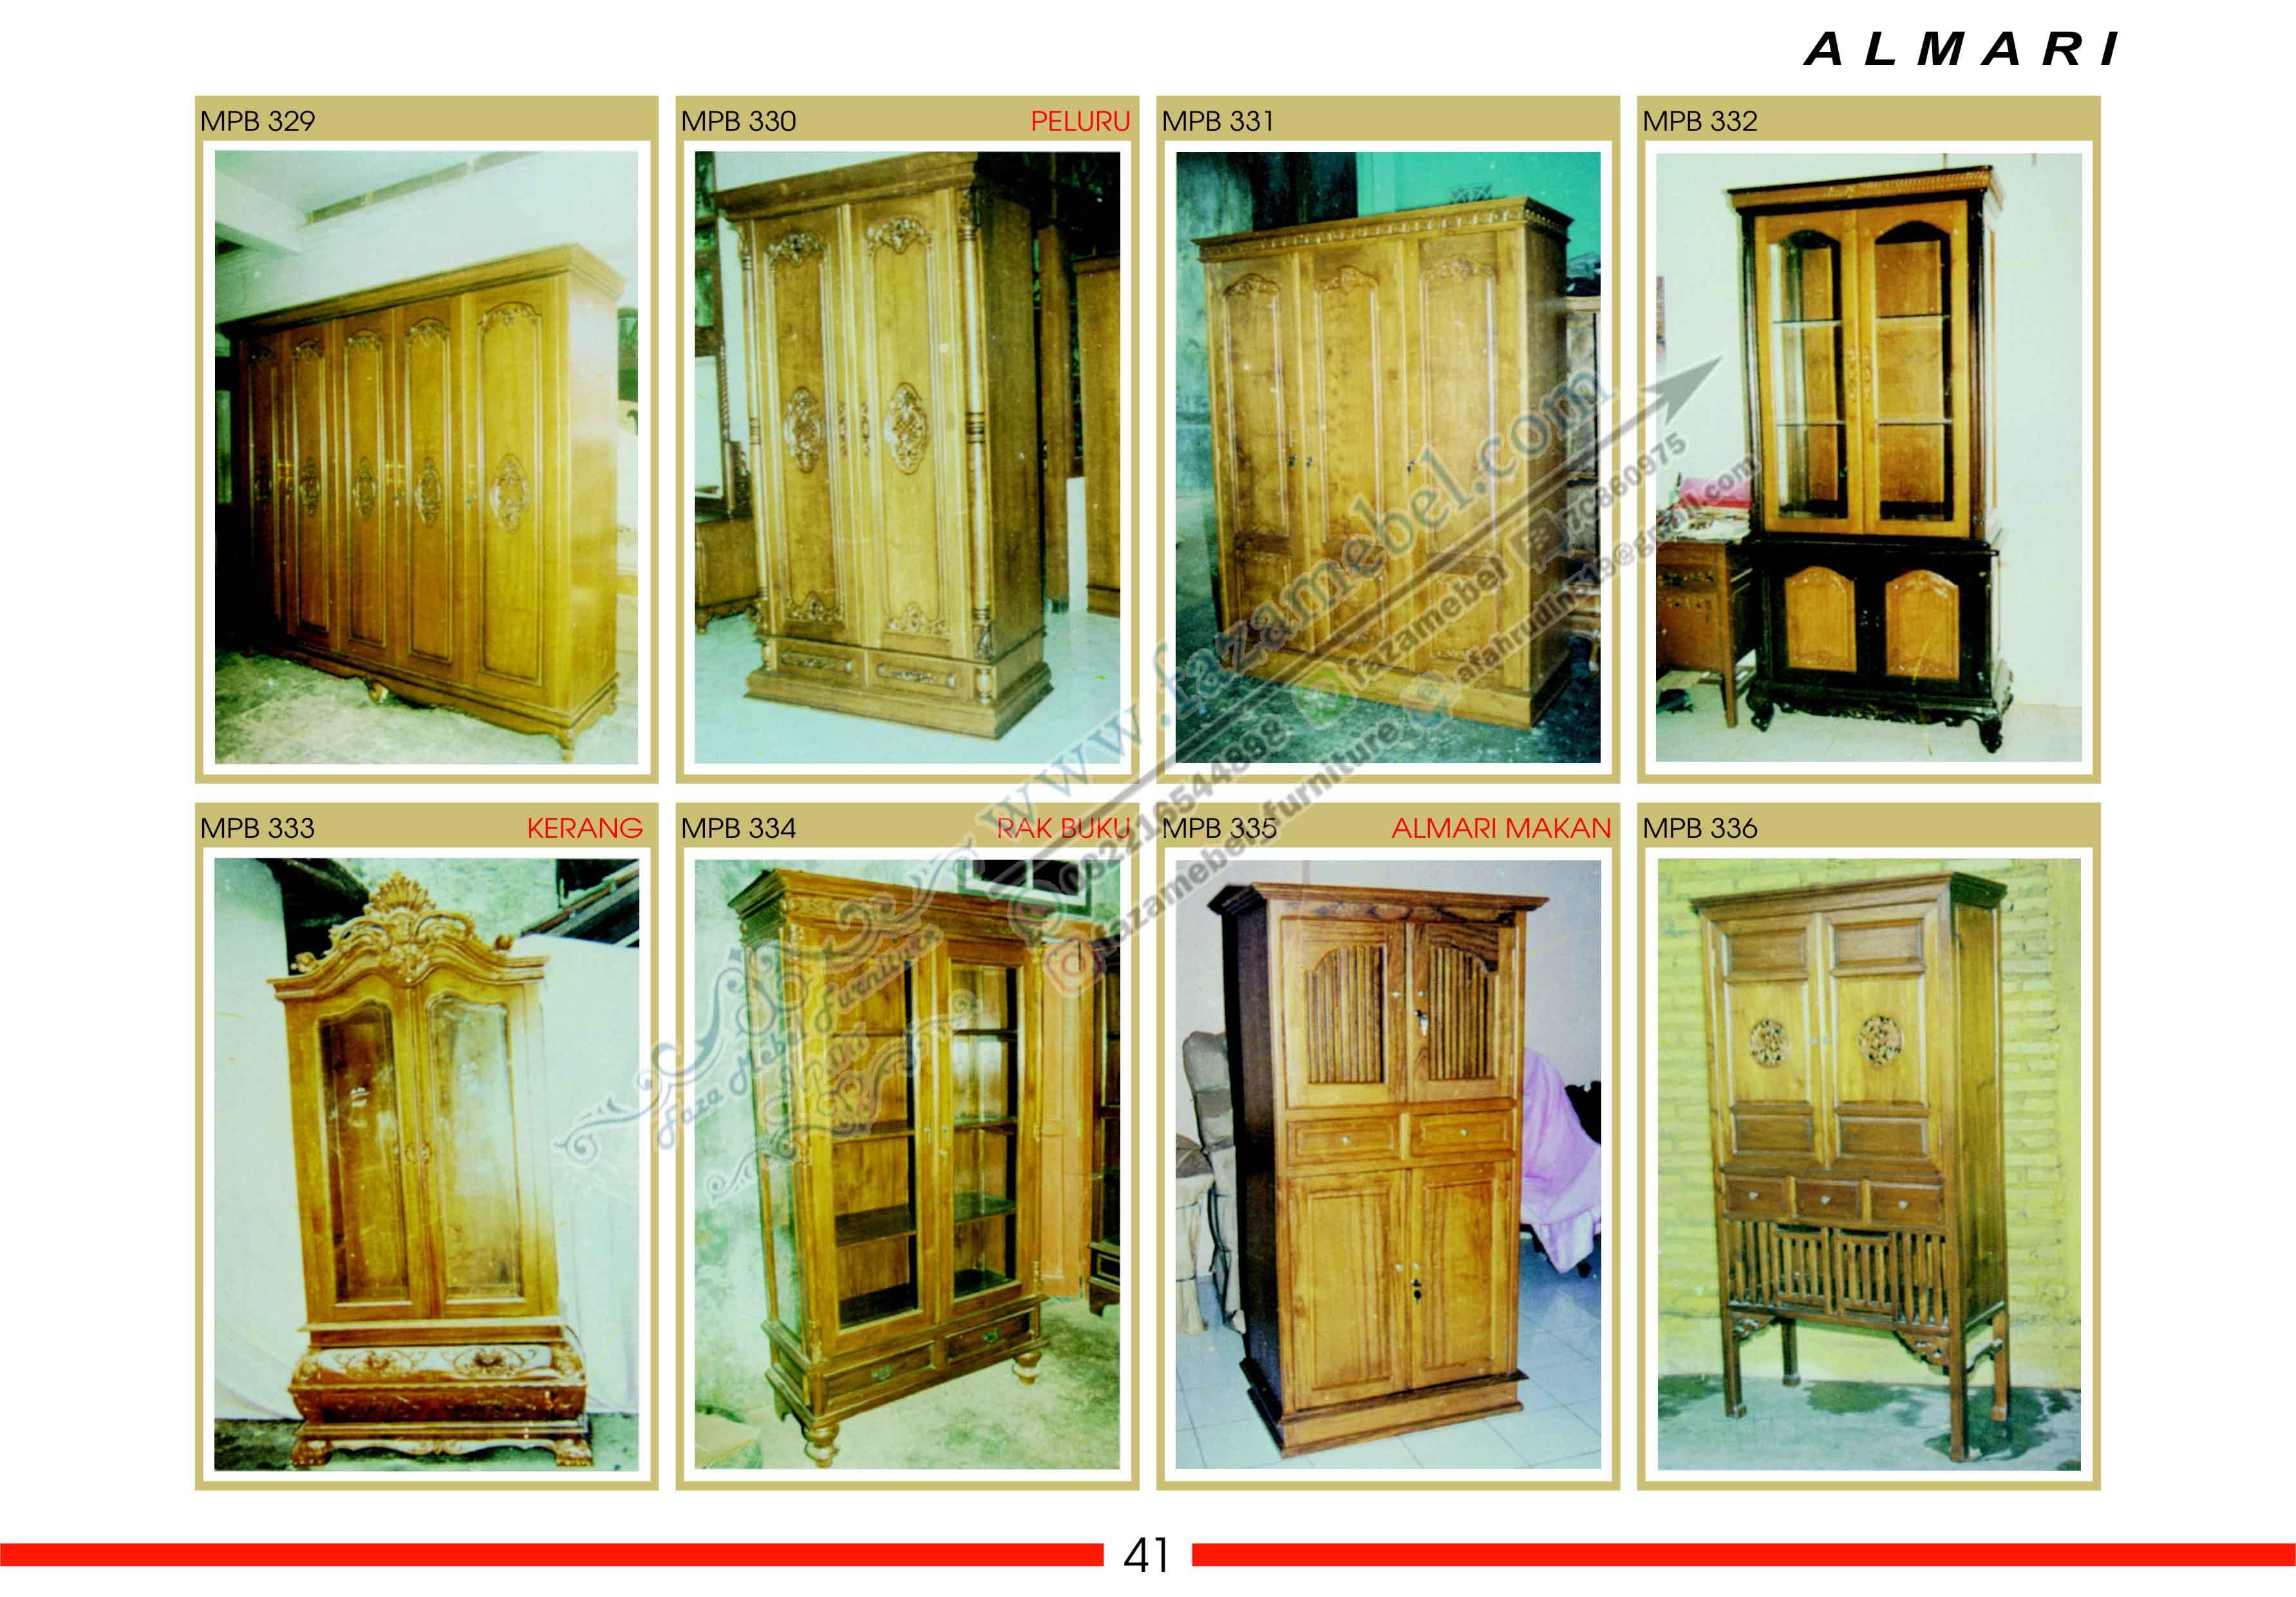 almari-jati9